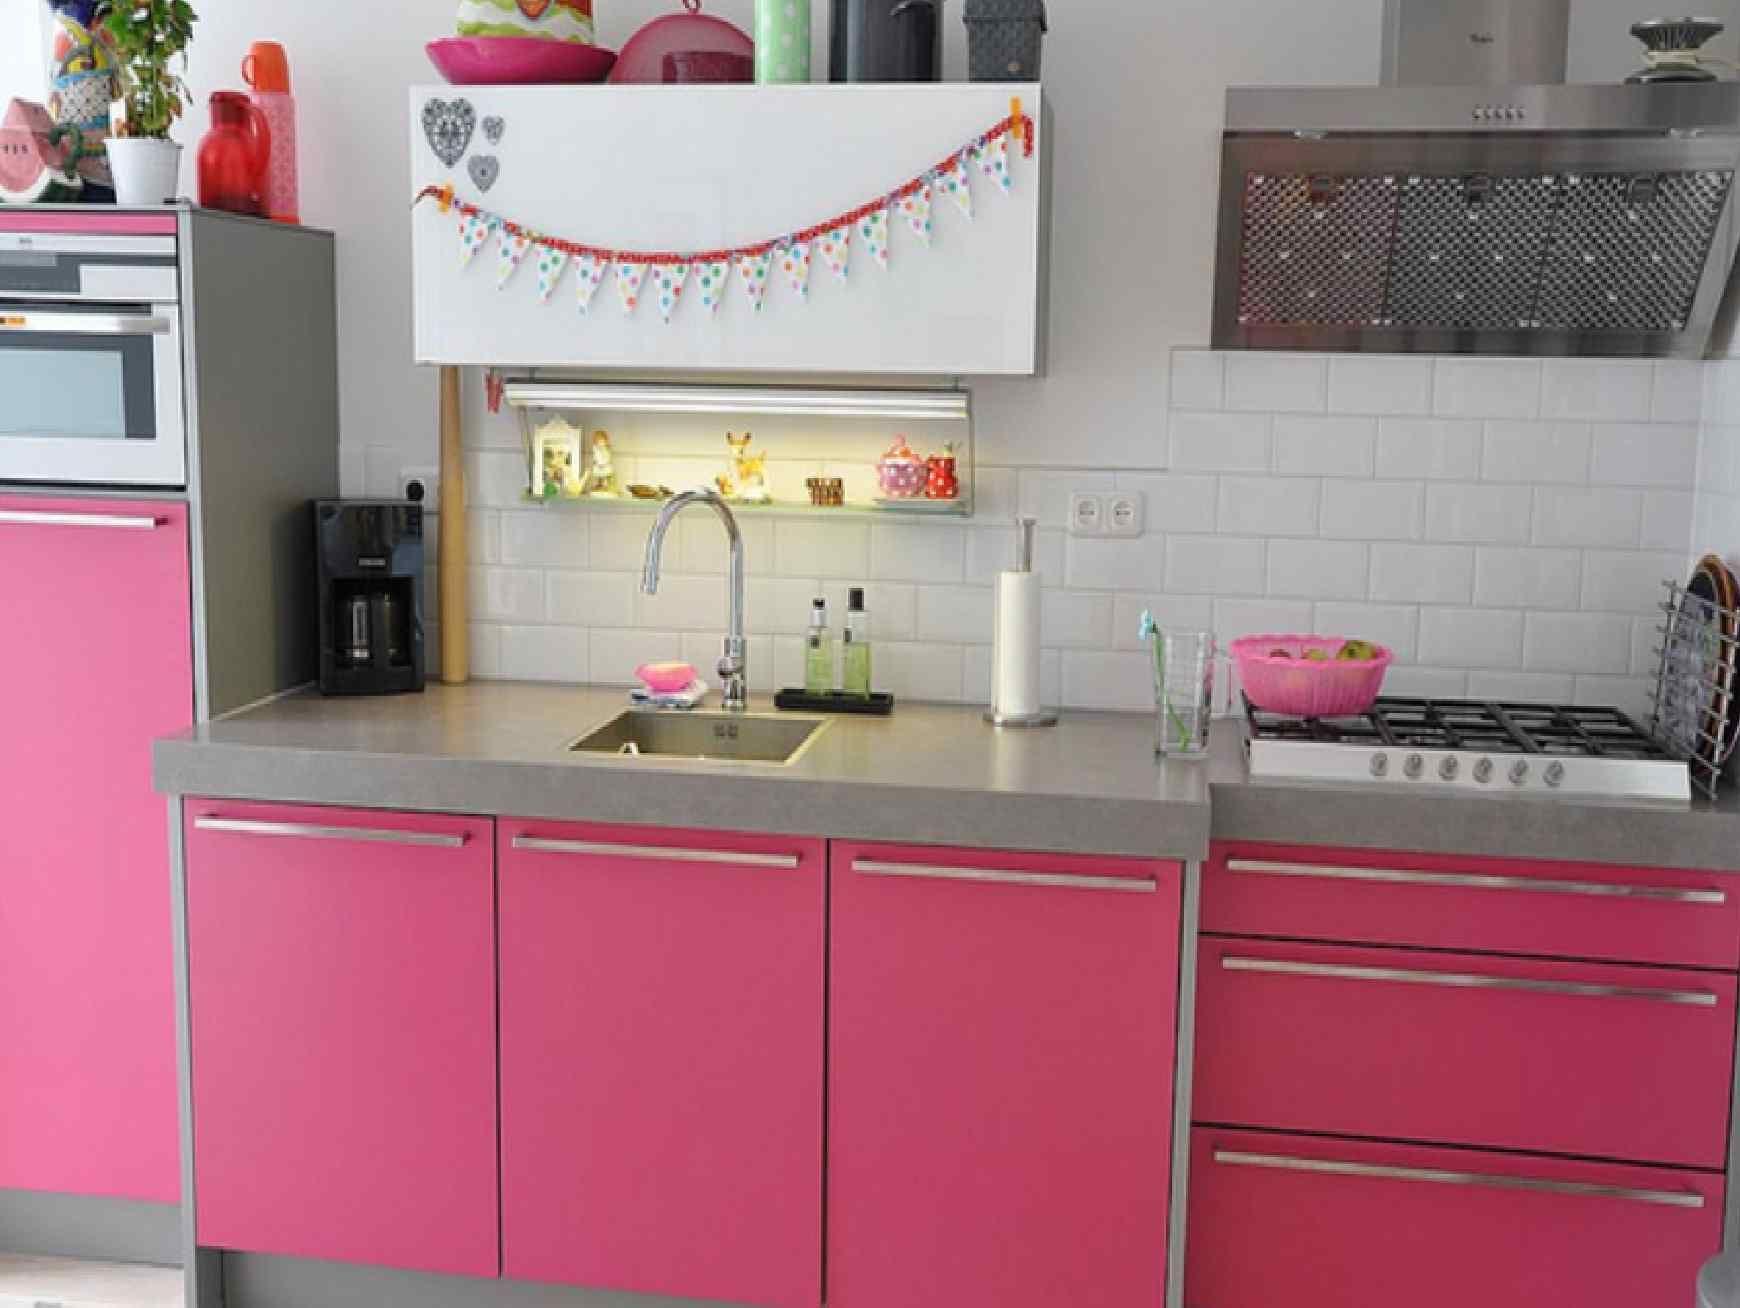 kitchen interior design Pink kitchen fresh ideas interior design